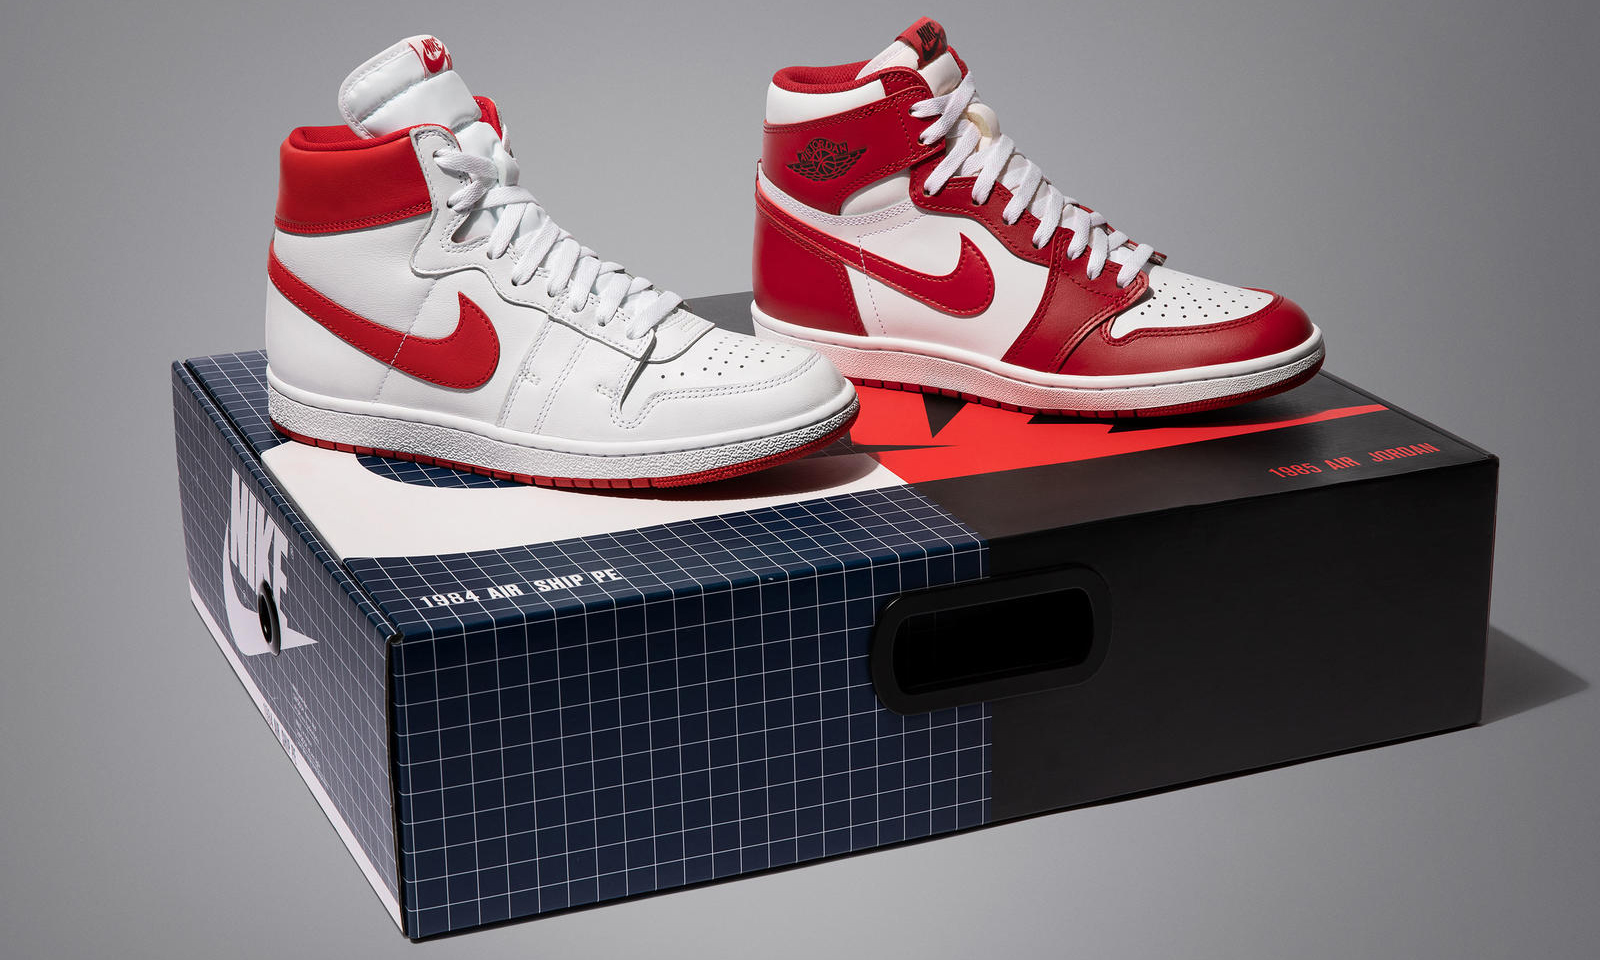 NBA 全明星周末将至,Nike 为你准备丰富「惊喜」